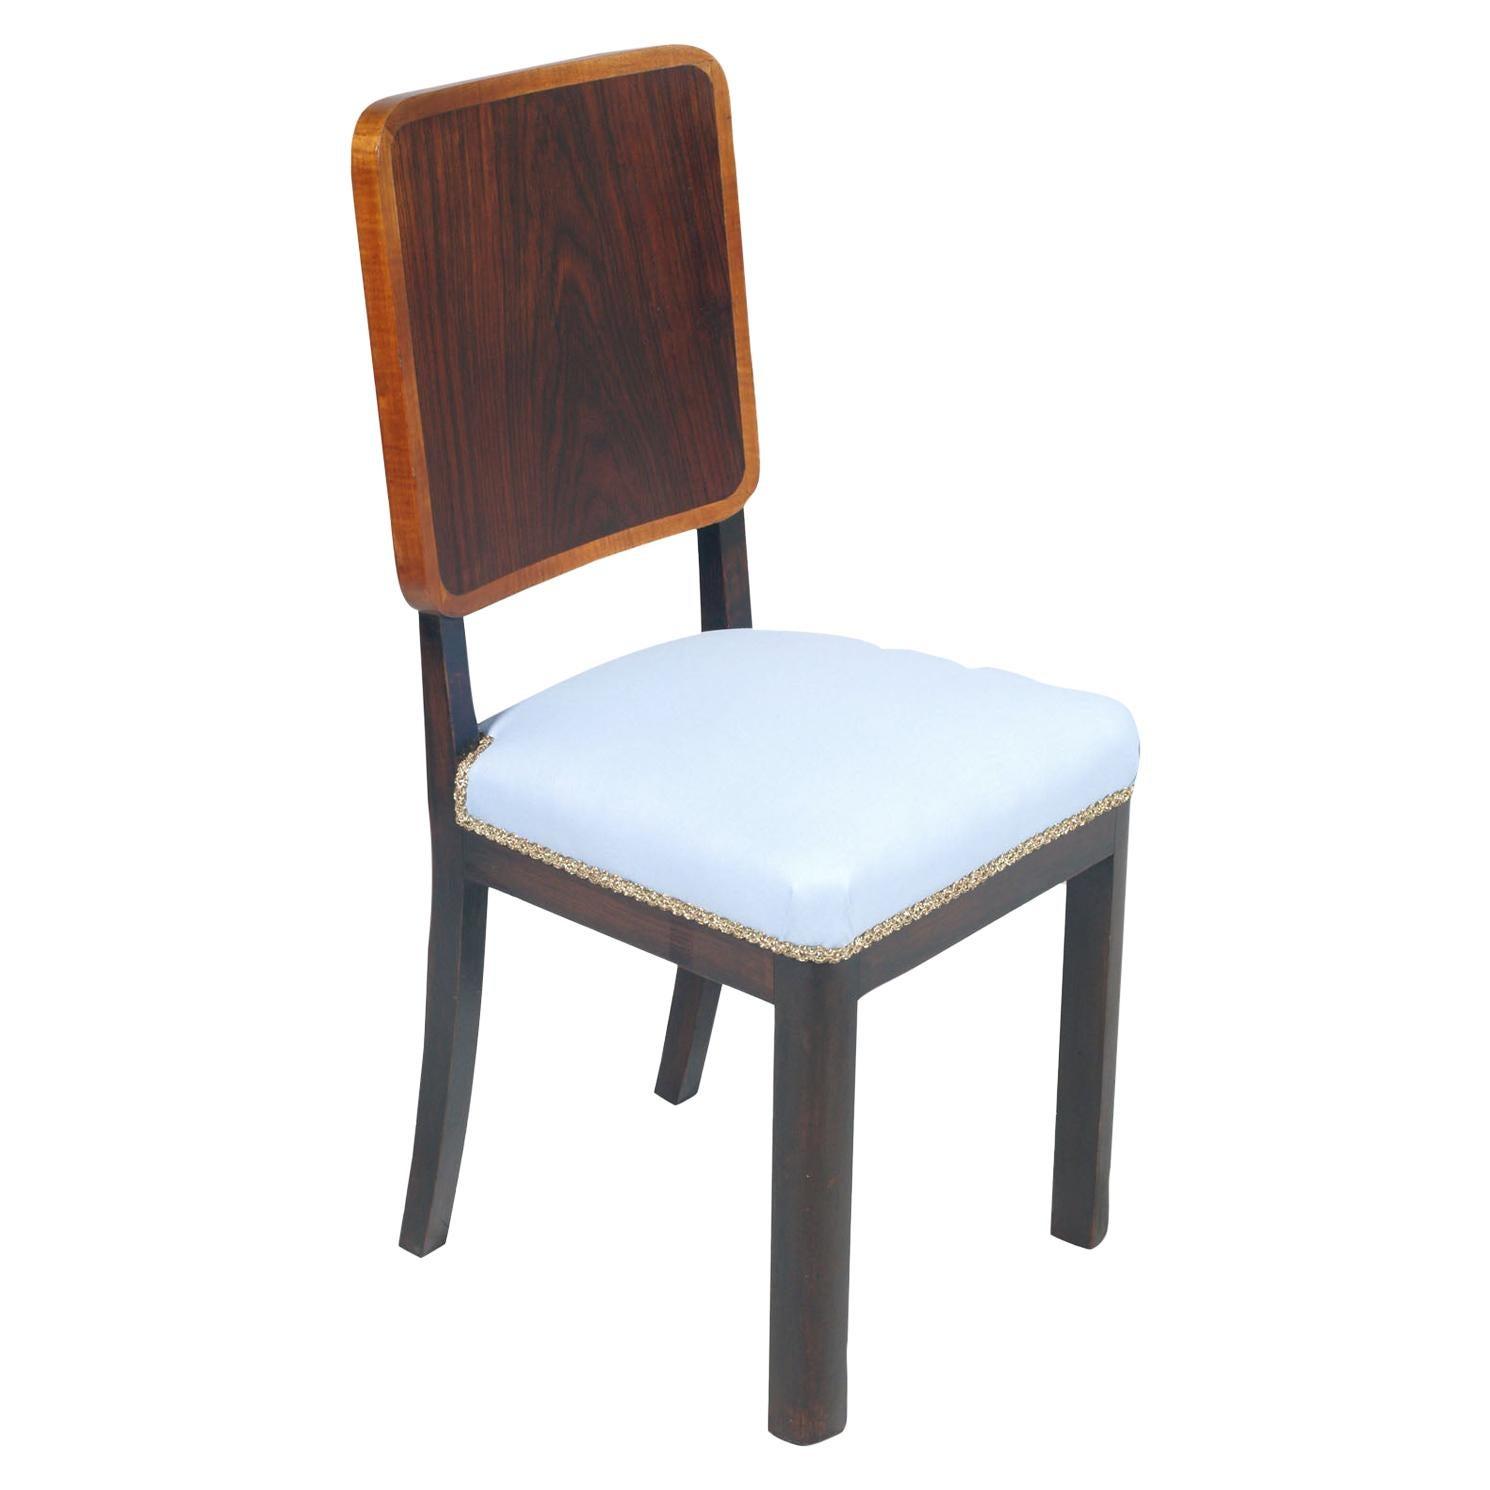 1930s Art Deco Italian Side Chair by Borsani, Atelier di Varedo New Upholstered